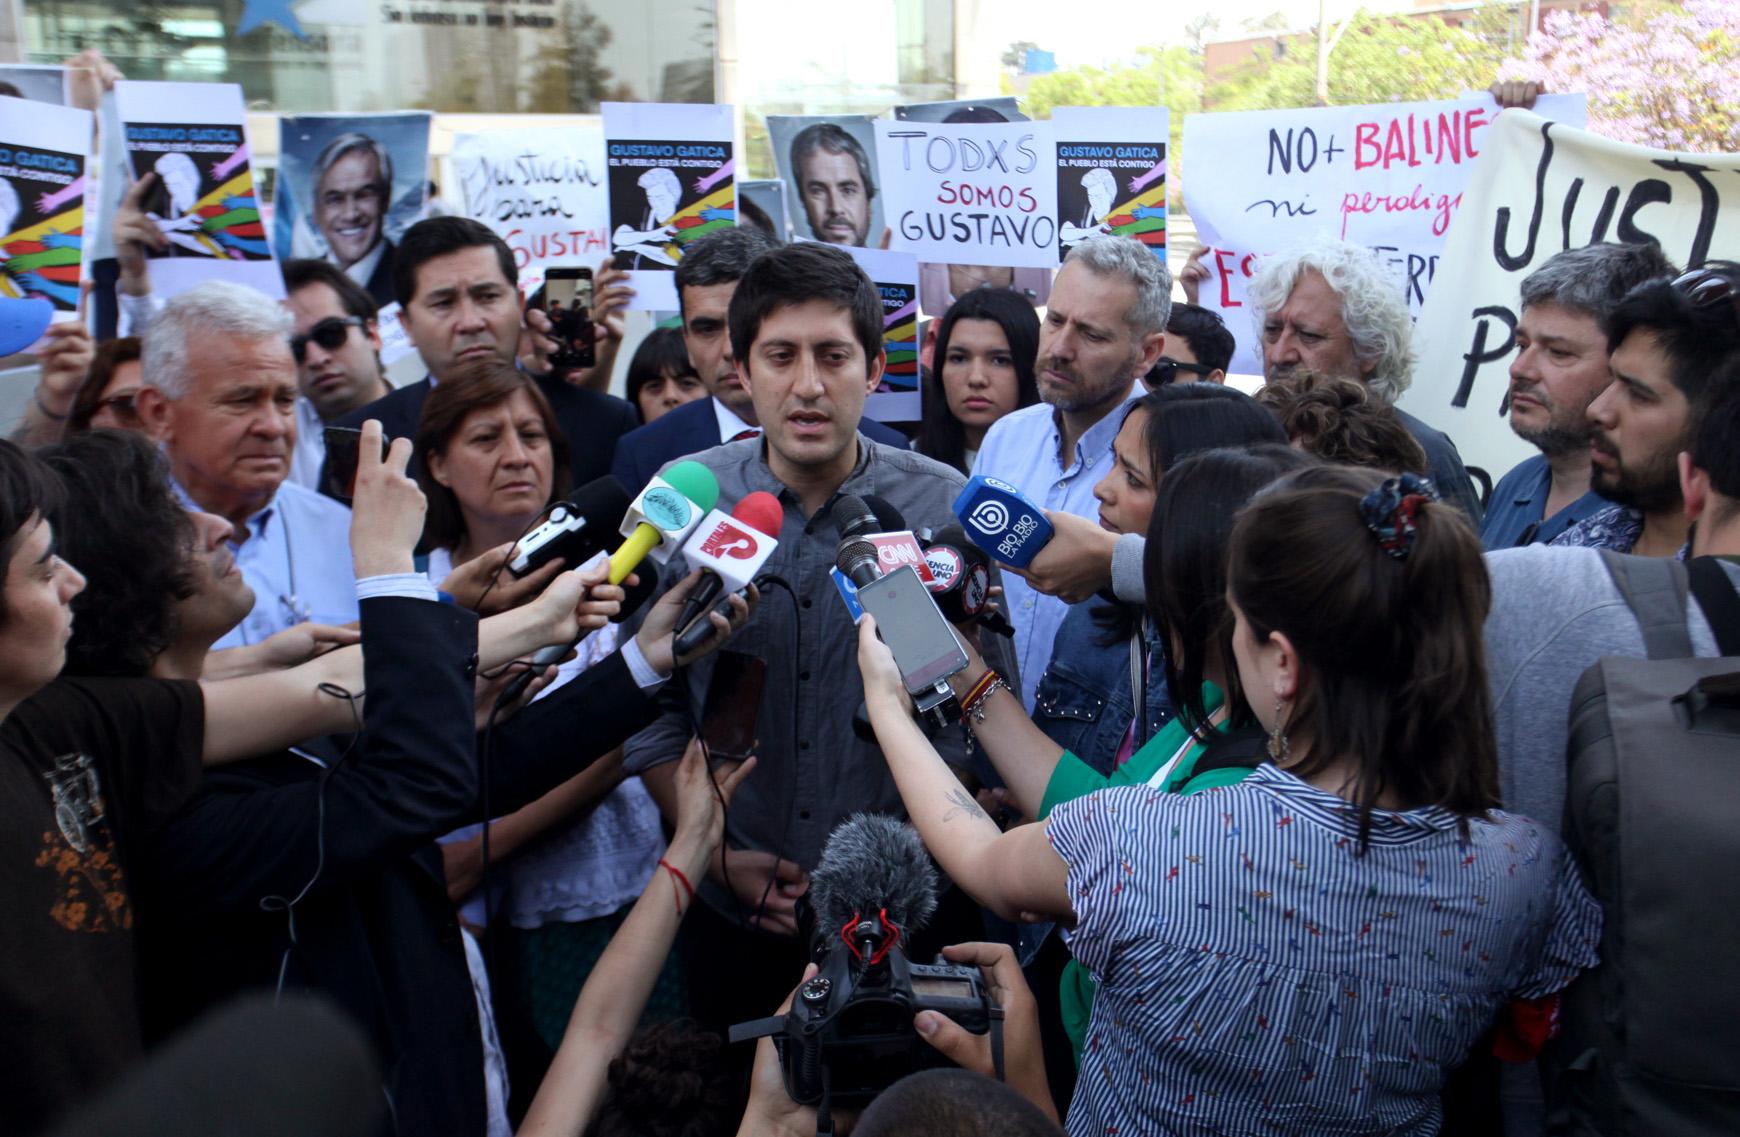 Hermano de Gustavo Gatica, Enrique, compartió mensaje de su hermano a la ciudadanía